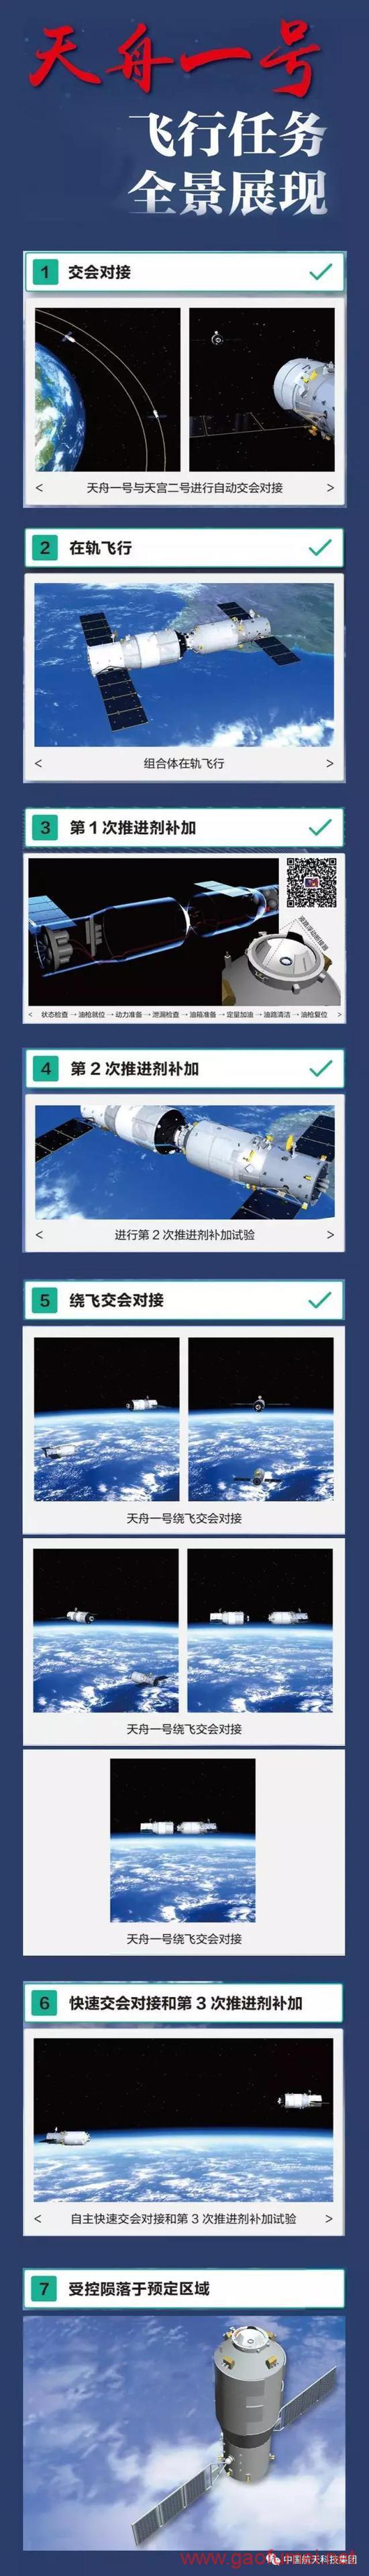 天舟一号完成绕飞和第二次交会对接未来还将开展一次对接和补给试验